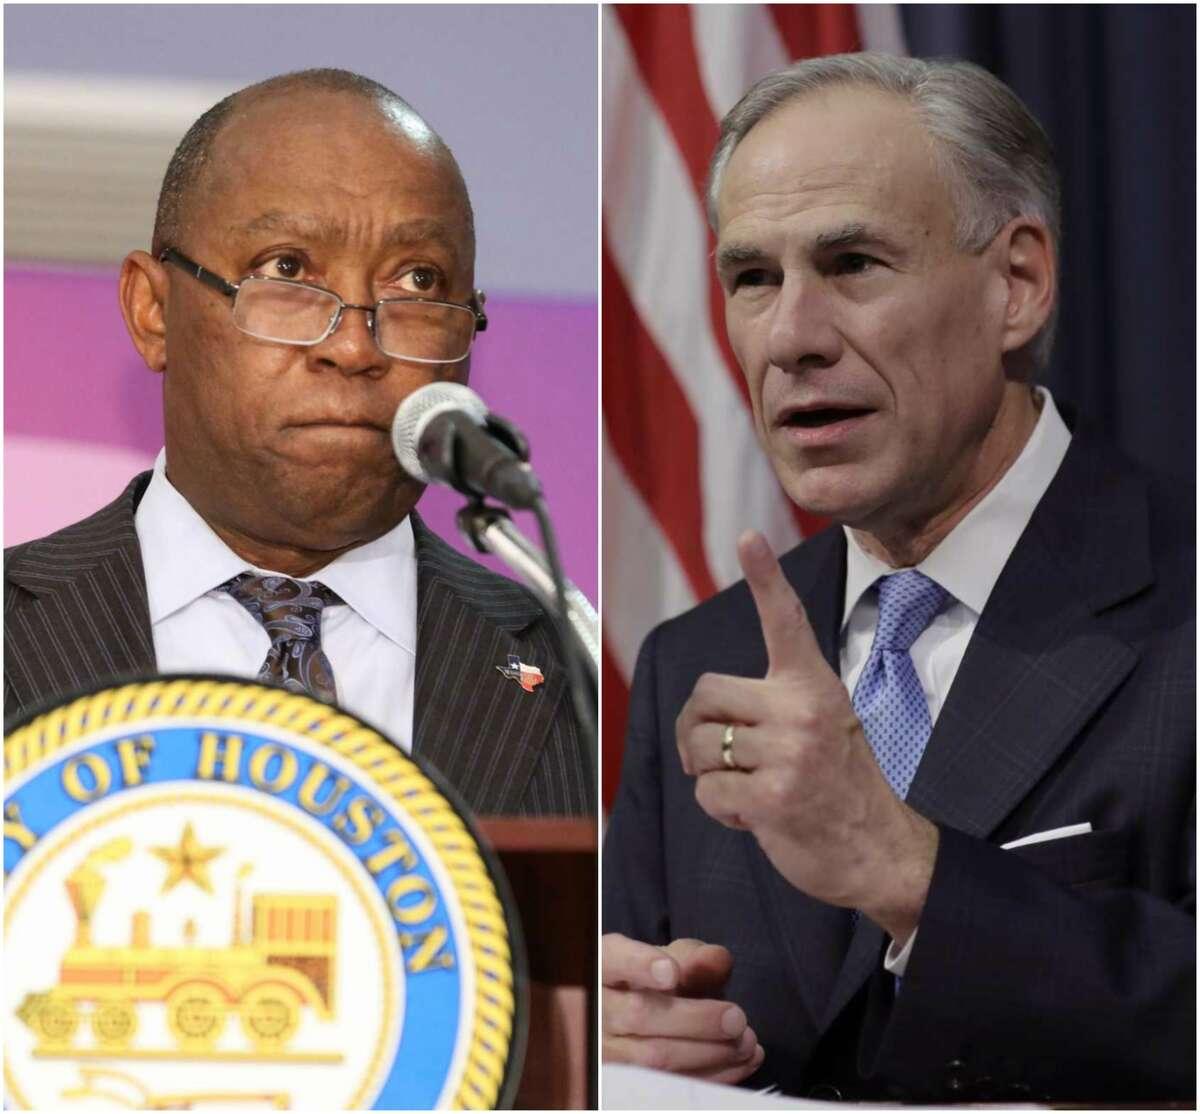 Houston Mayor Sylvester Turner, left, and Texas Gov. Greg Abbott